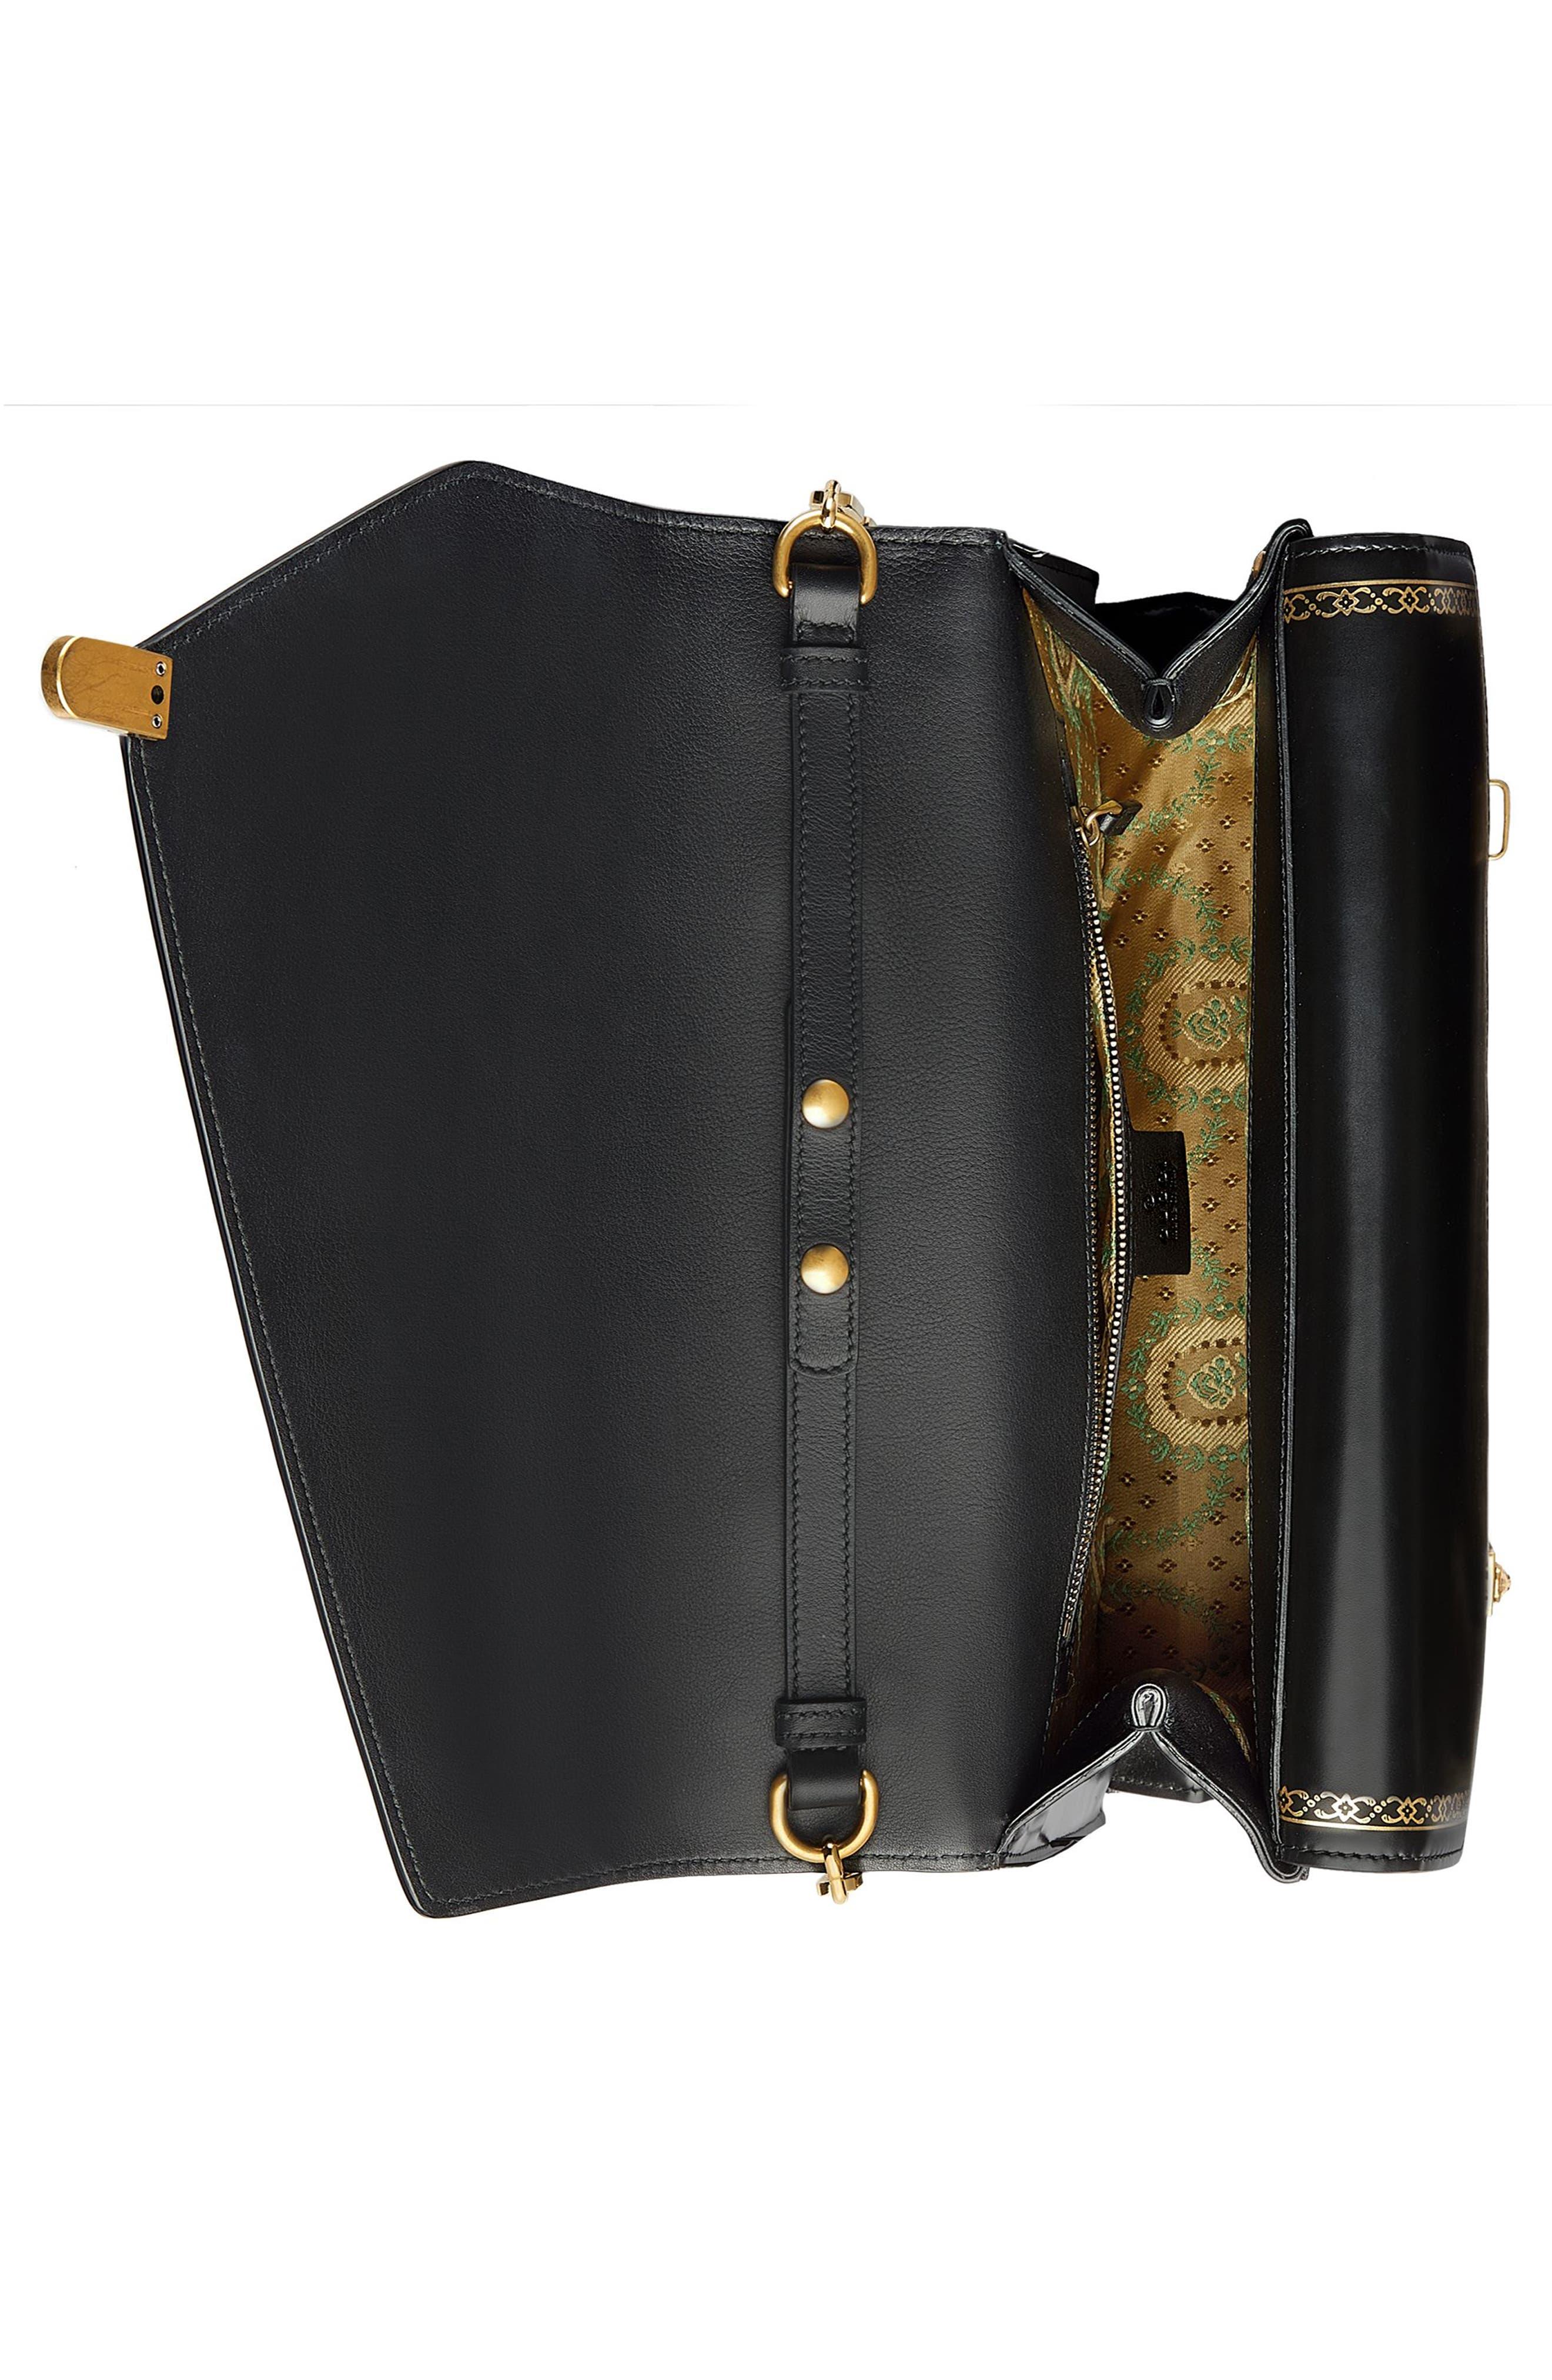 Linea P Border Leather Double Flap Top Handle Satchel,                             Alternate thumbnail 3, color,                             Nero